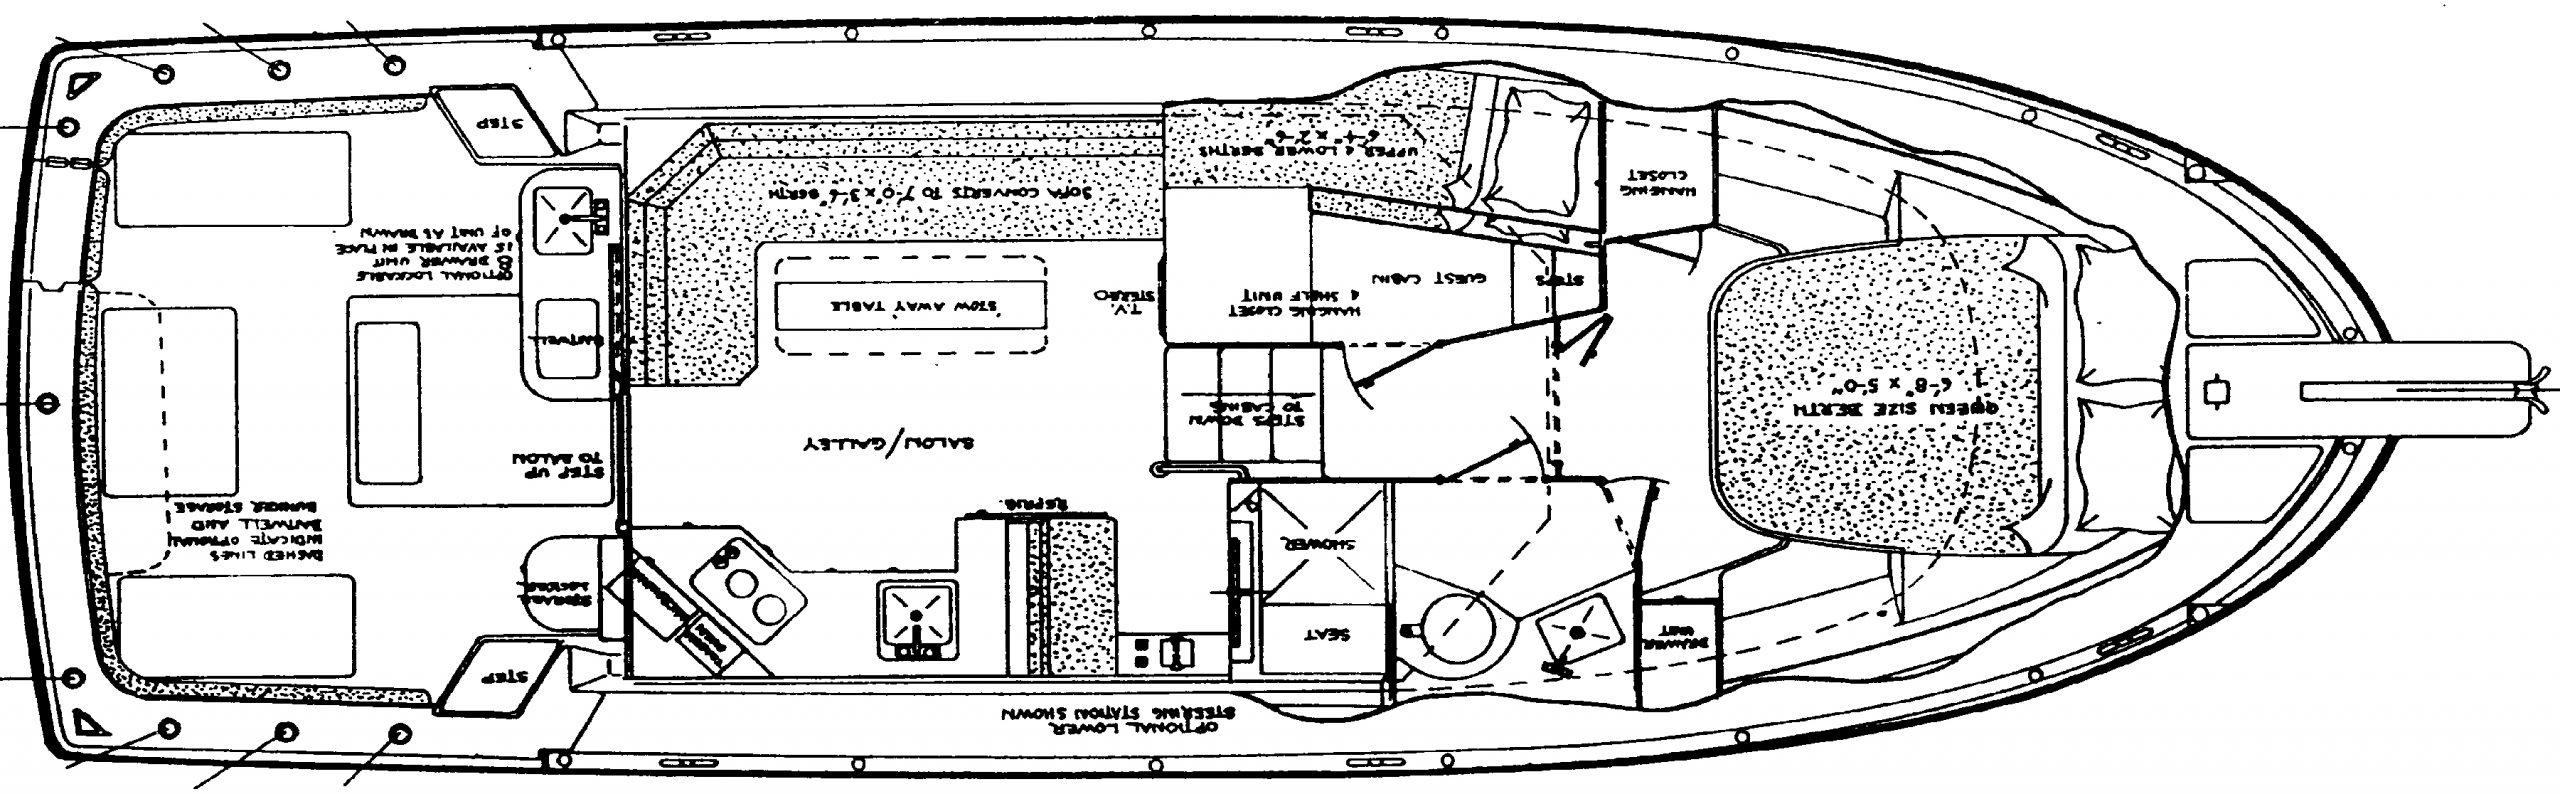 Albin 35 TE Floor Plan 2